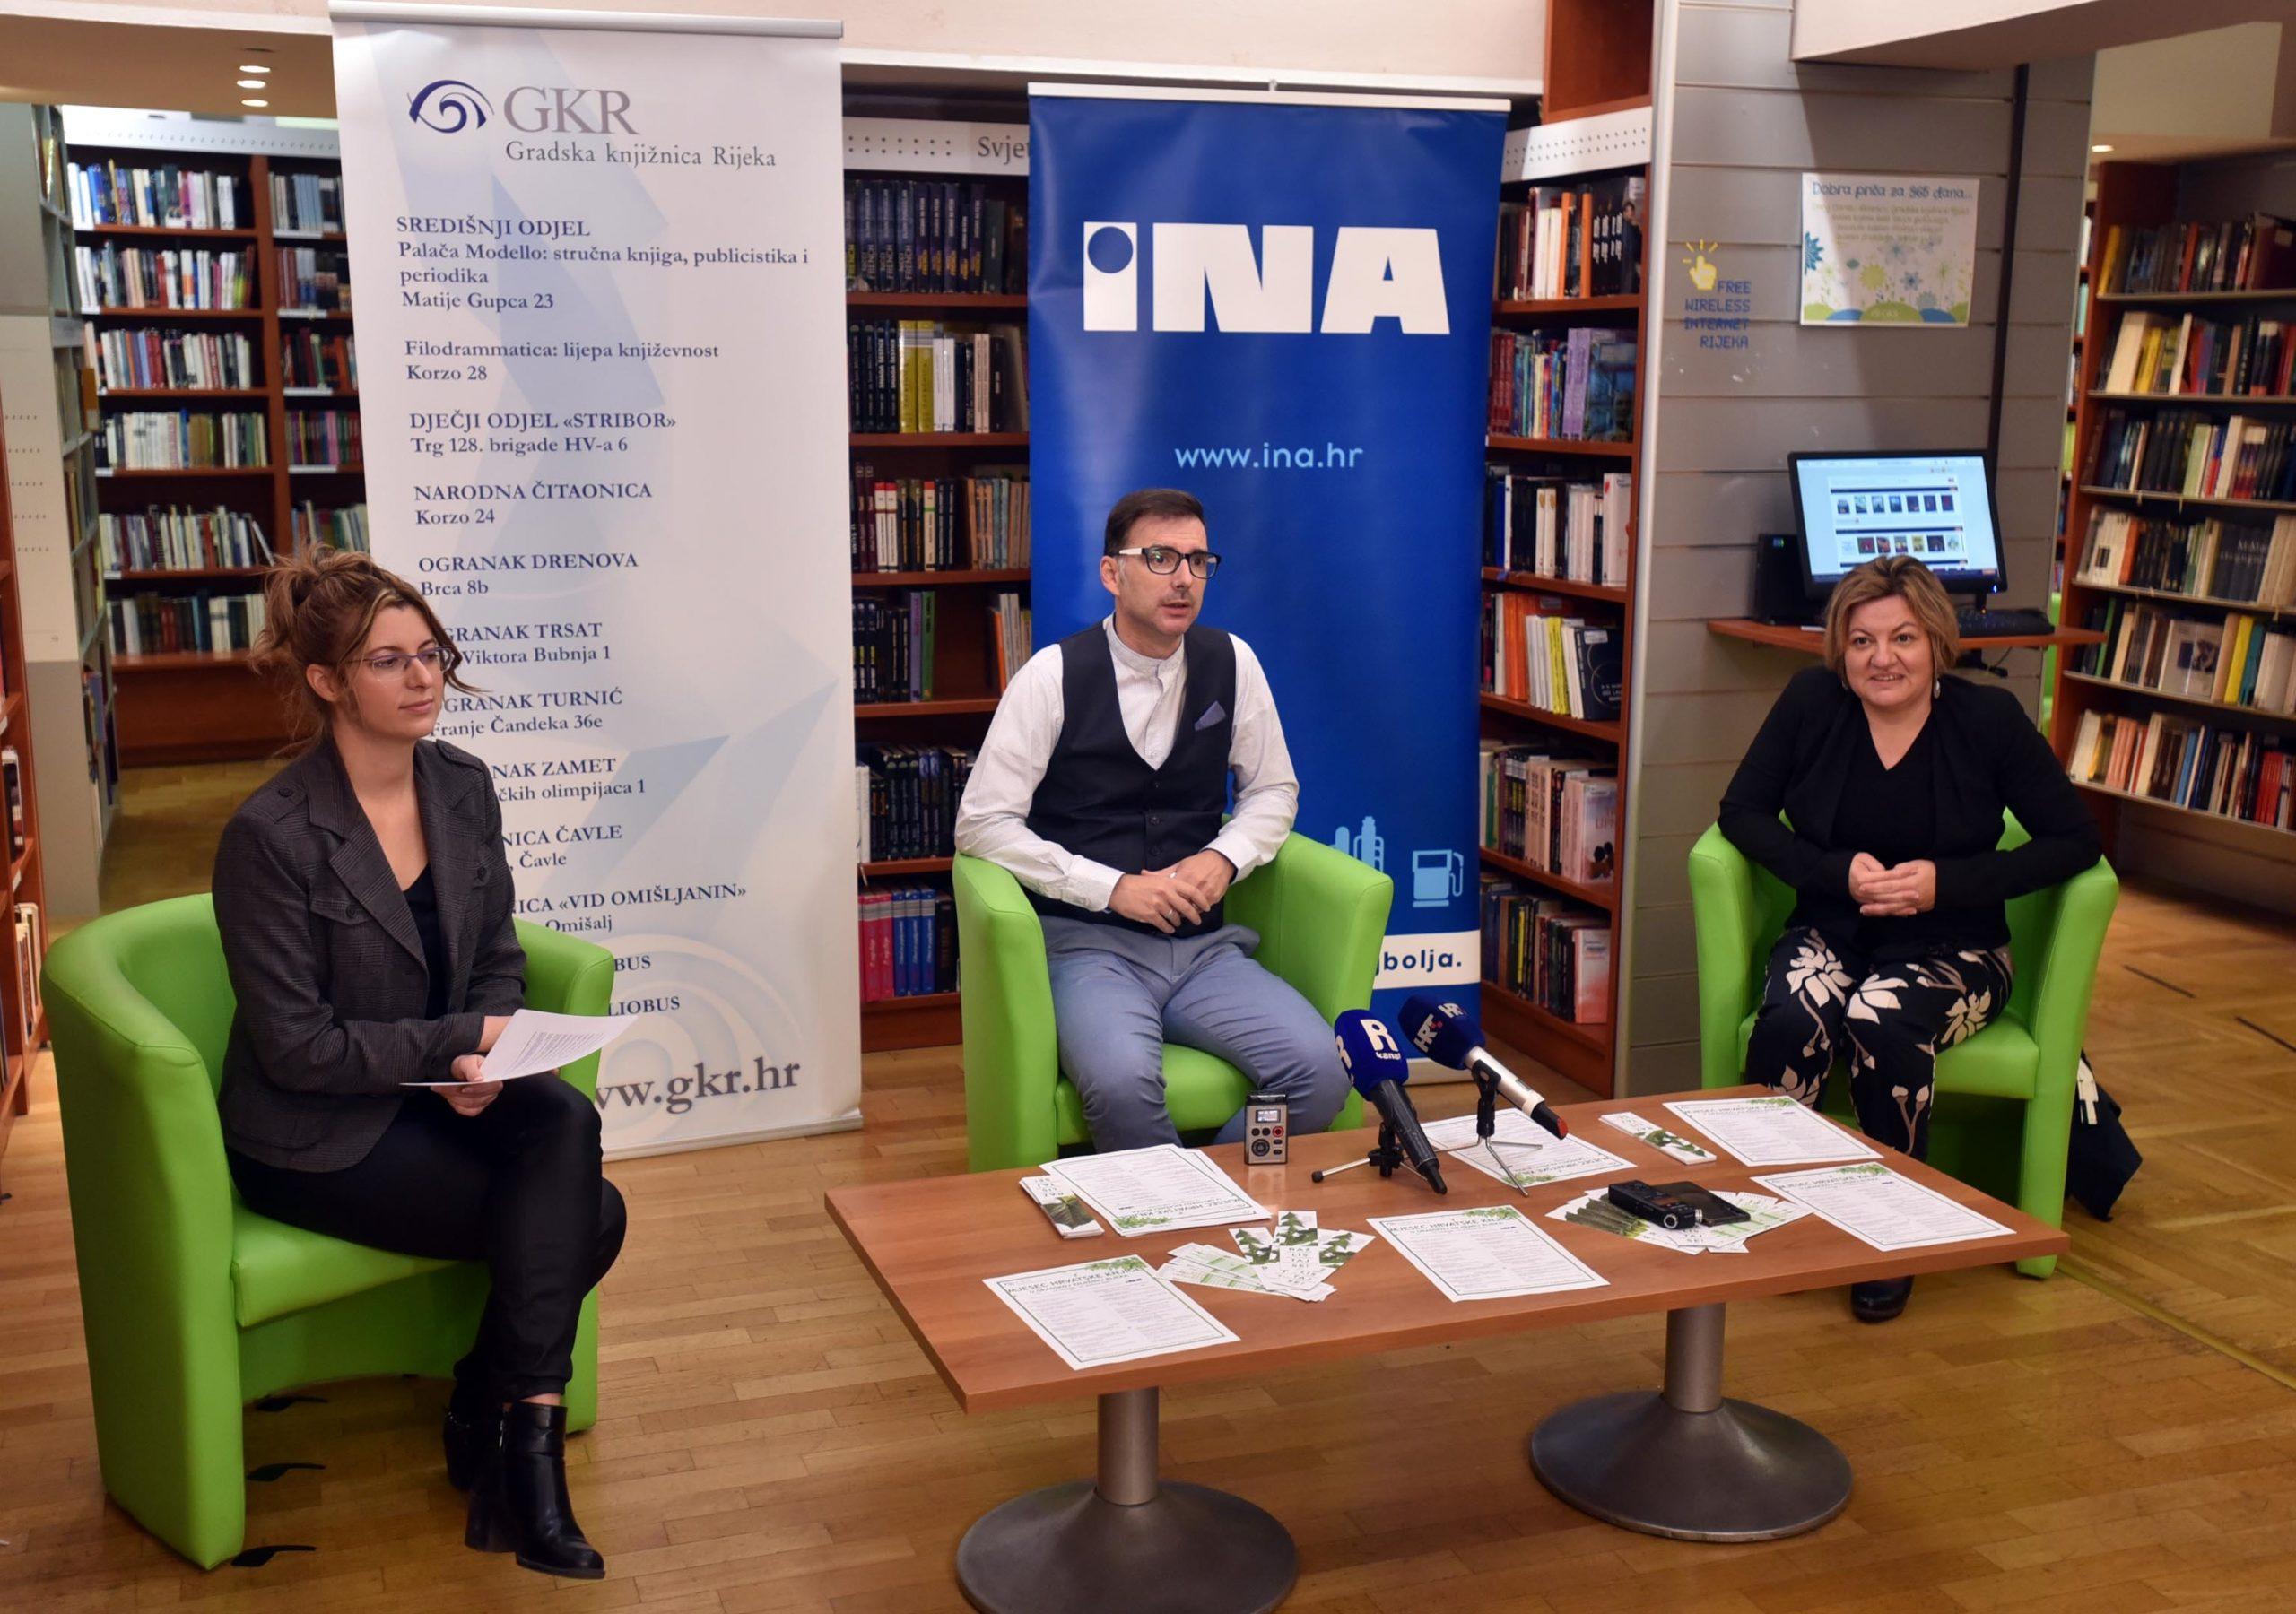 Anja Babić, Niko Cvjetković i Sanja Jakovac Šepić / Snimio Damir Škomrlj